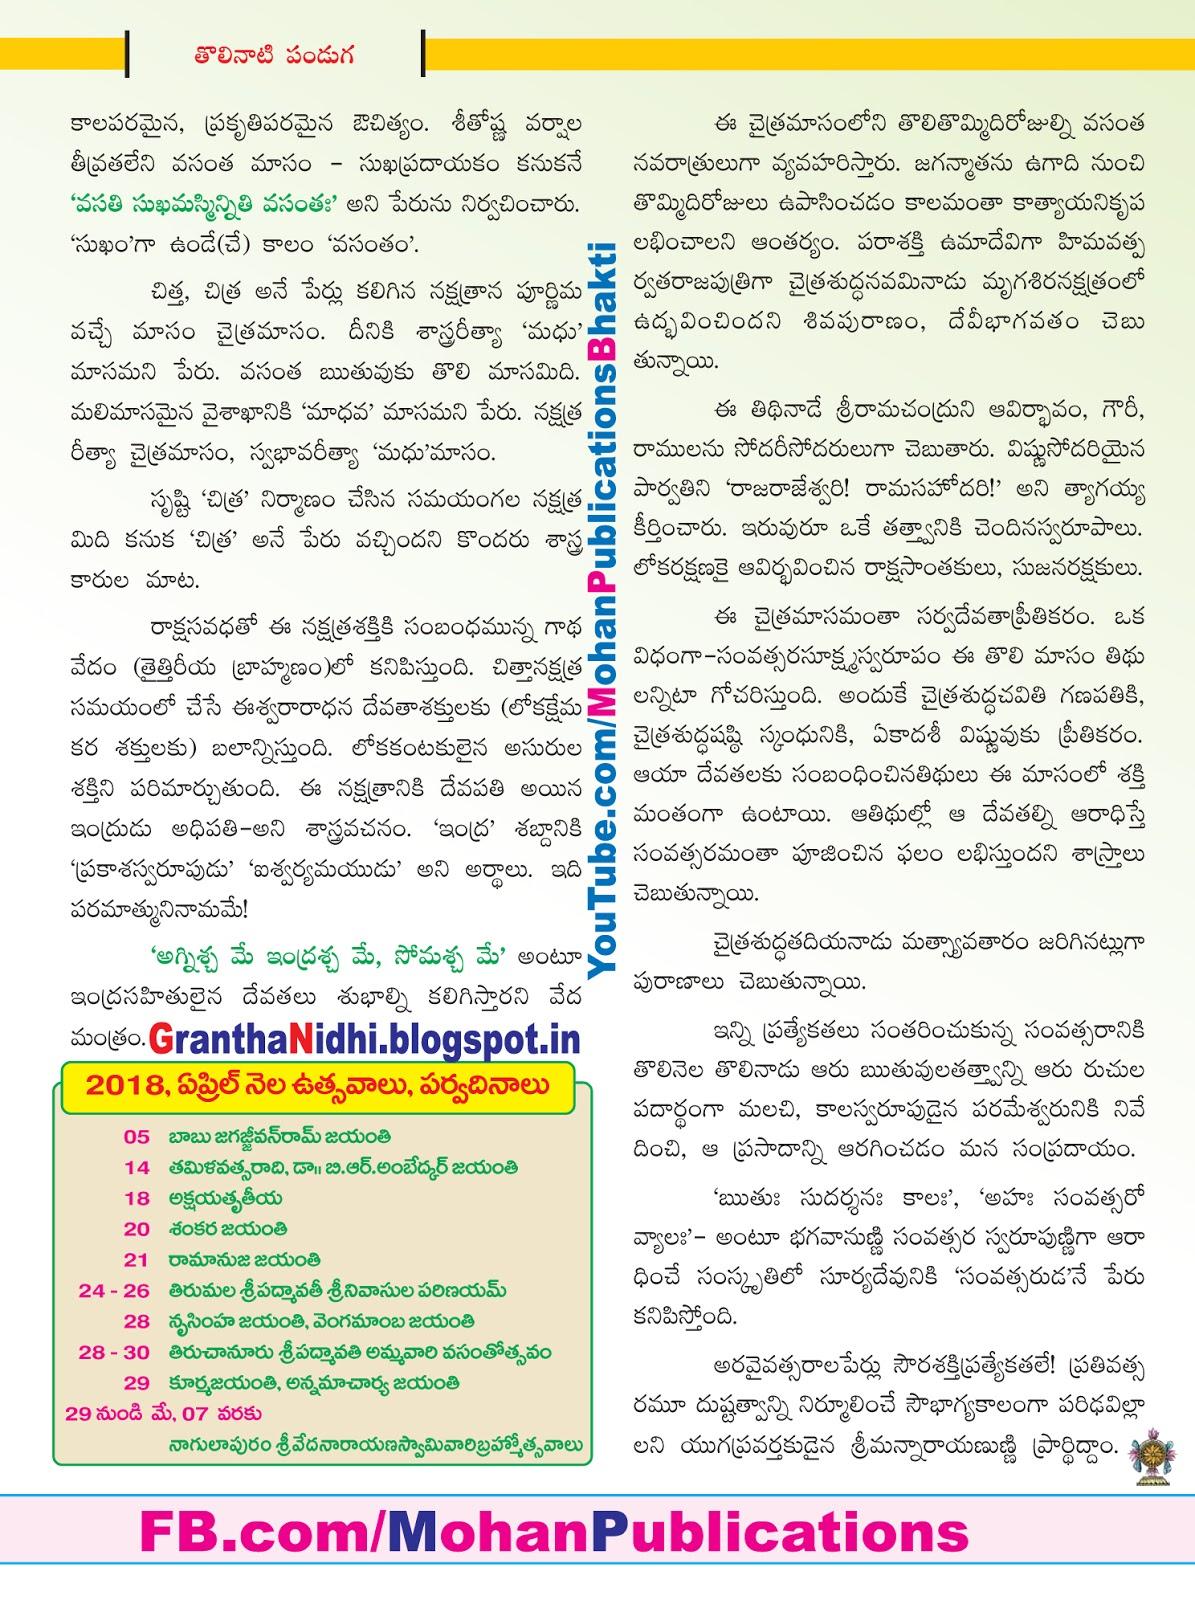 తొలినాటి పండుగ First Fesital Ugadi Telugu Festivals Hindu Festivals Ugadi Panduga Telugu Ugadi TTD TTD Ebooks Saptagiri Sapthagiri Samavedam Shanmukha Sarma Samavedam Bhakthi Pustakalu BhakthiPustakalu BhaktiPustakalu Bhakti Pustakalu